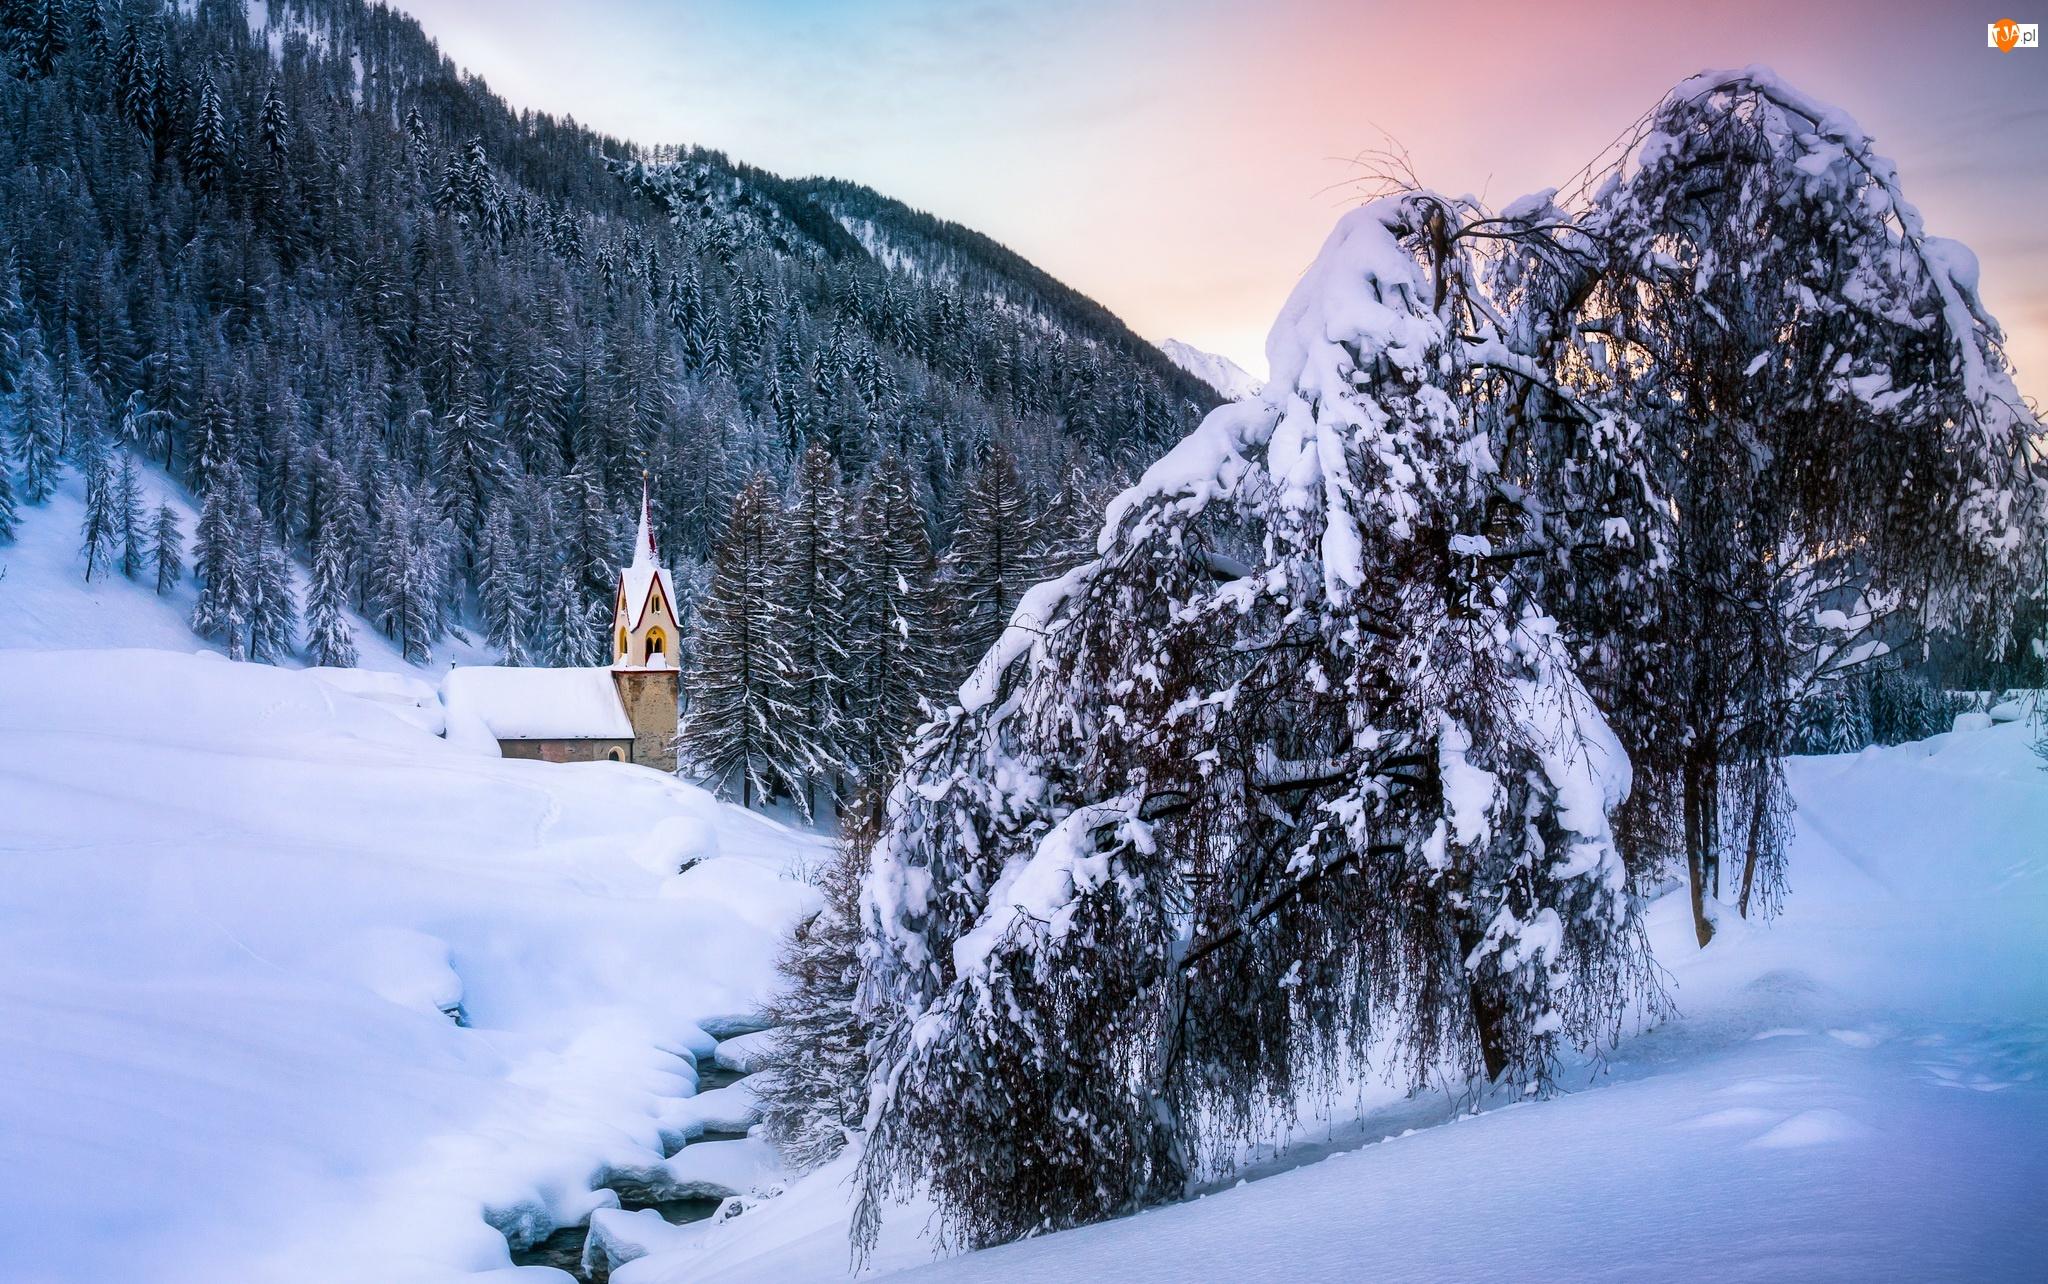 Góry, Las, Rzeka, Zima, Kościół, Drzewa, Ośnieżone